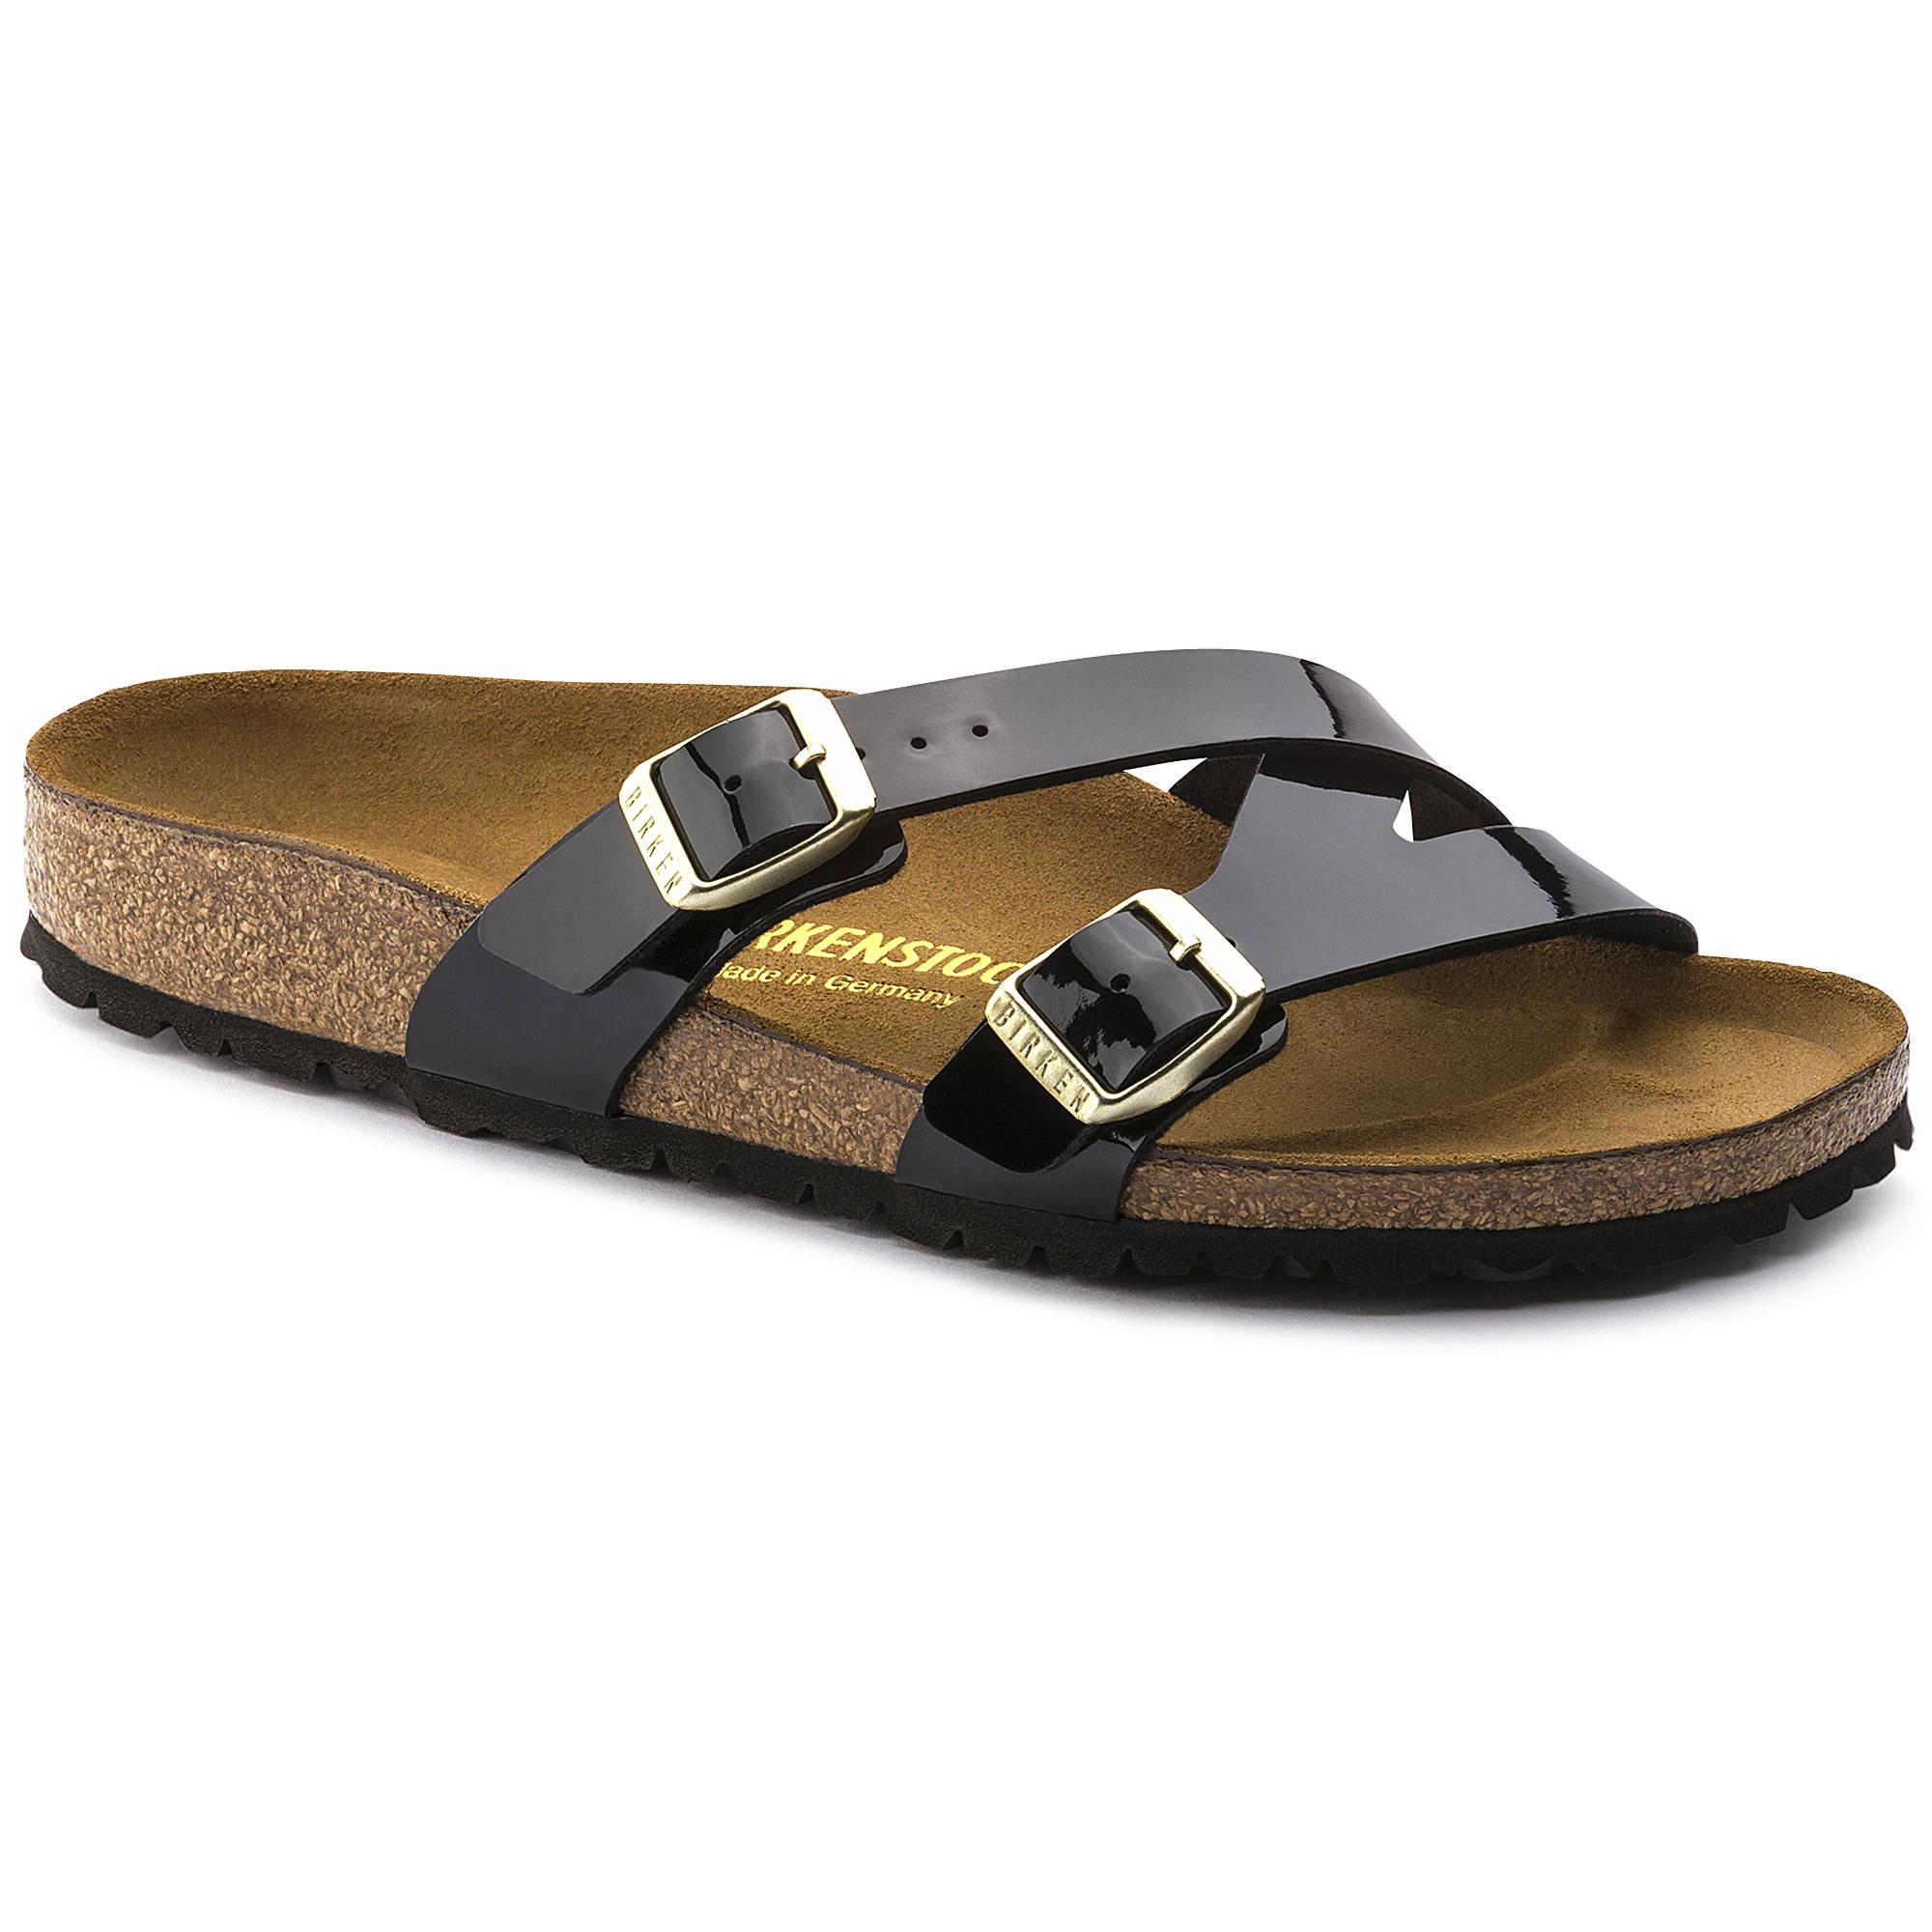 Birkenstock Arizona Birko Flor Patent Regular Fit Sandal (Black, Size 41 EU) | Shoes |